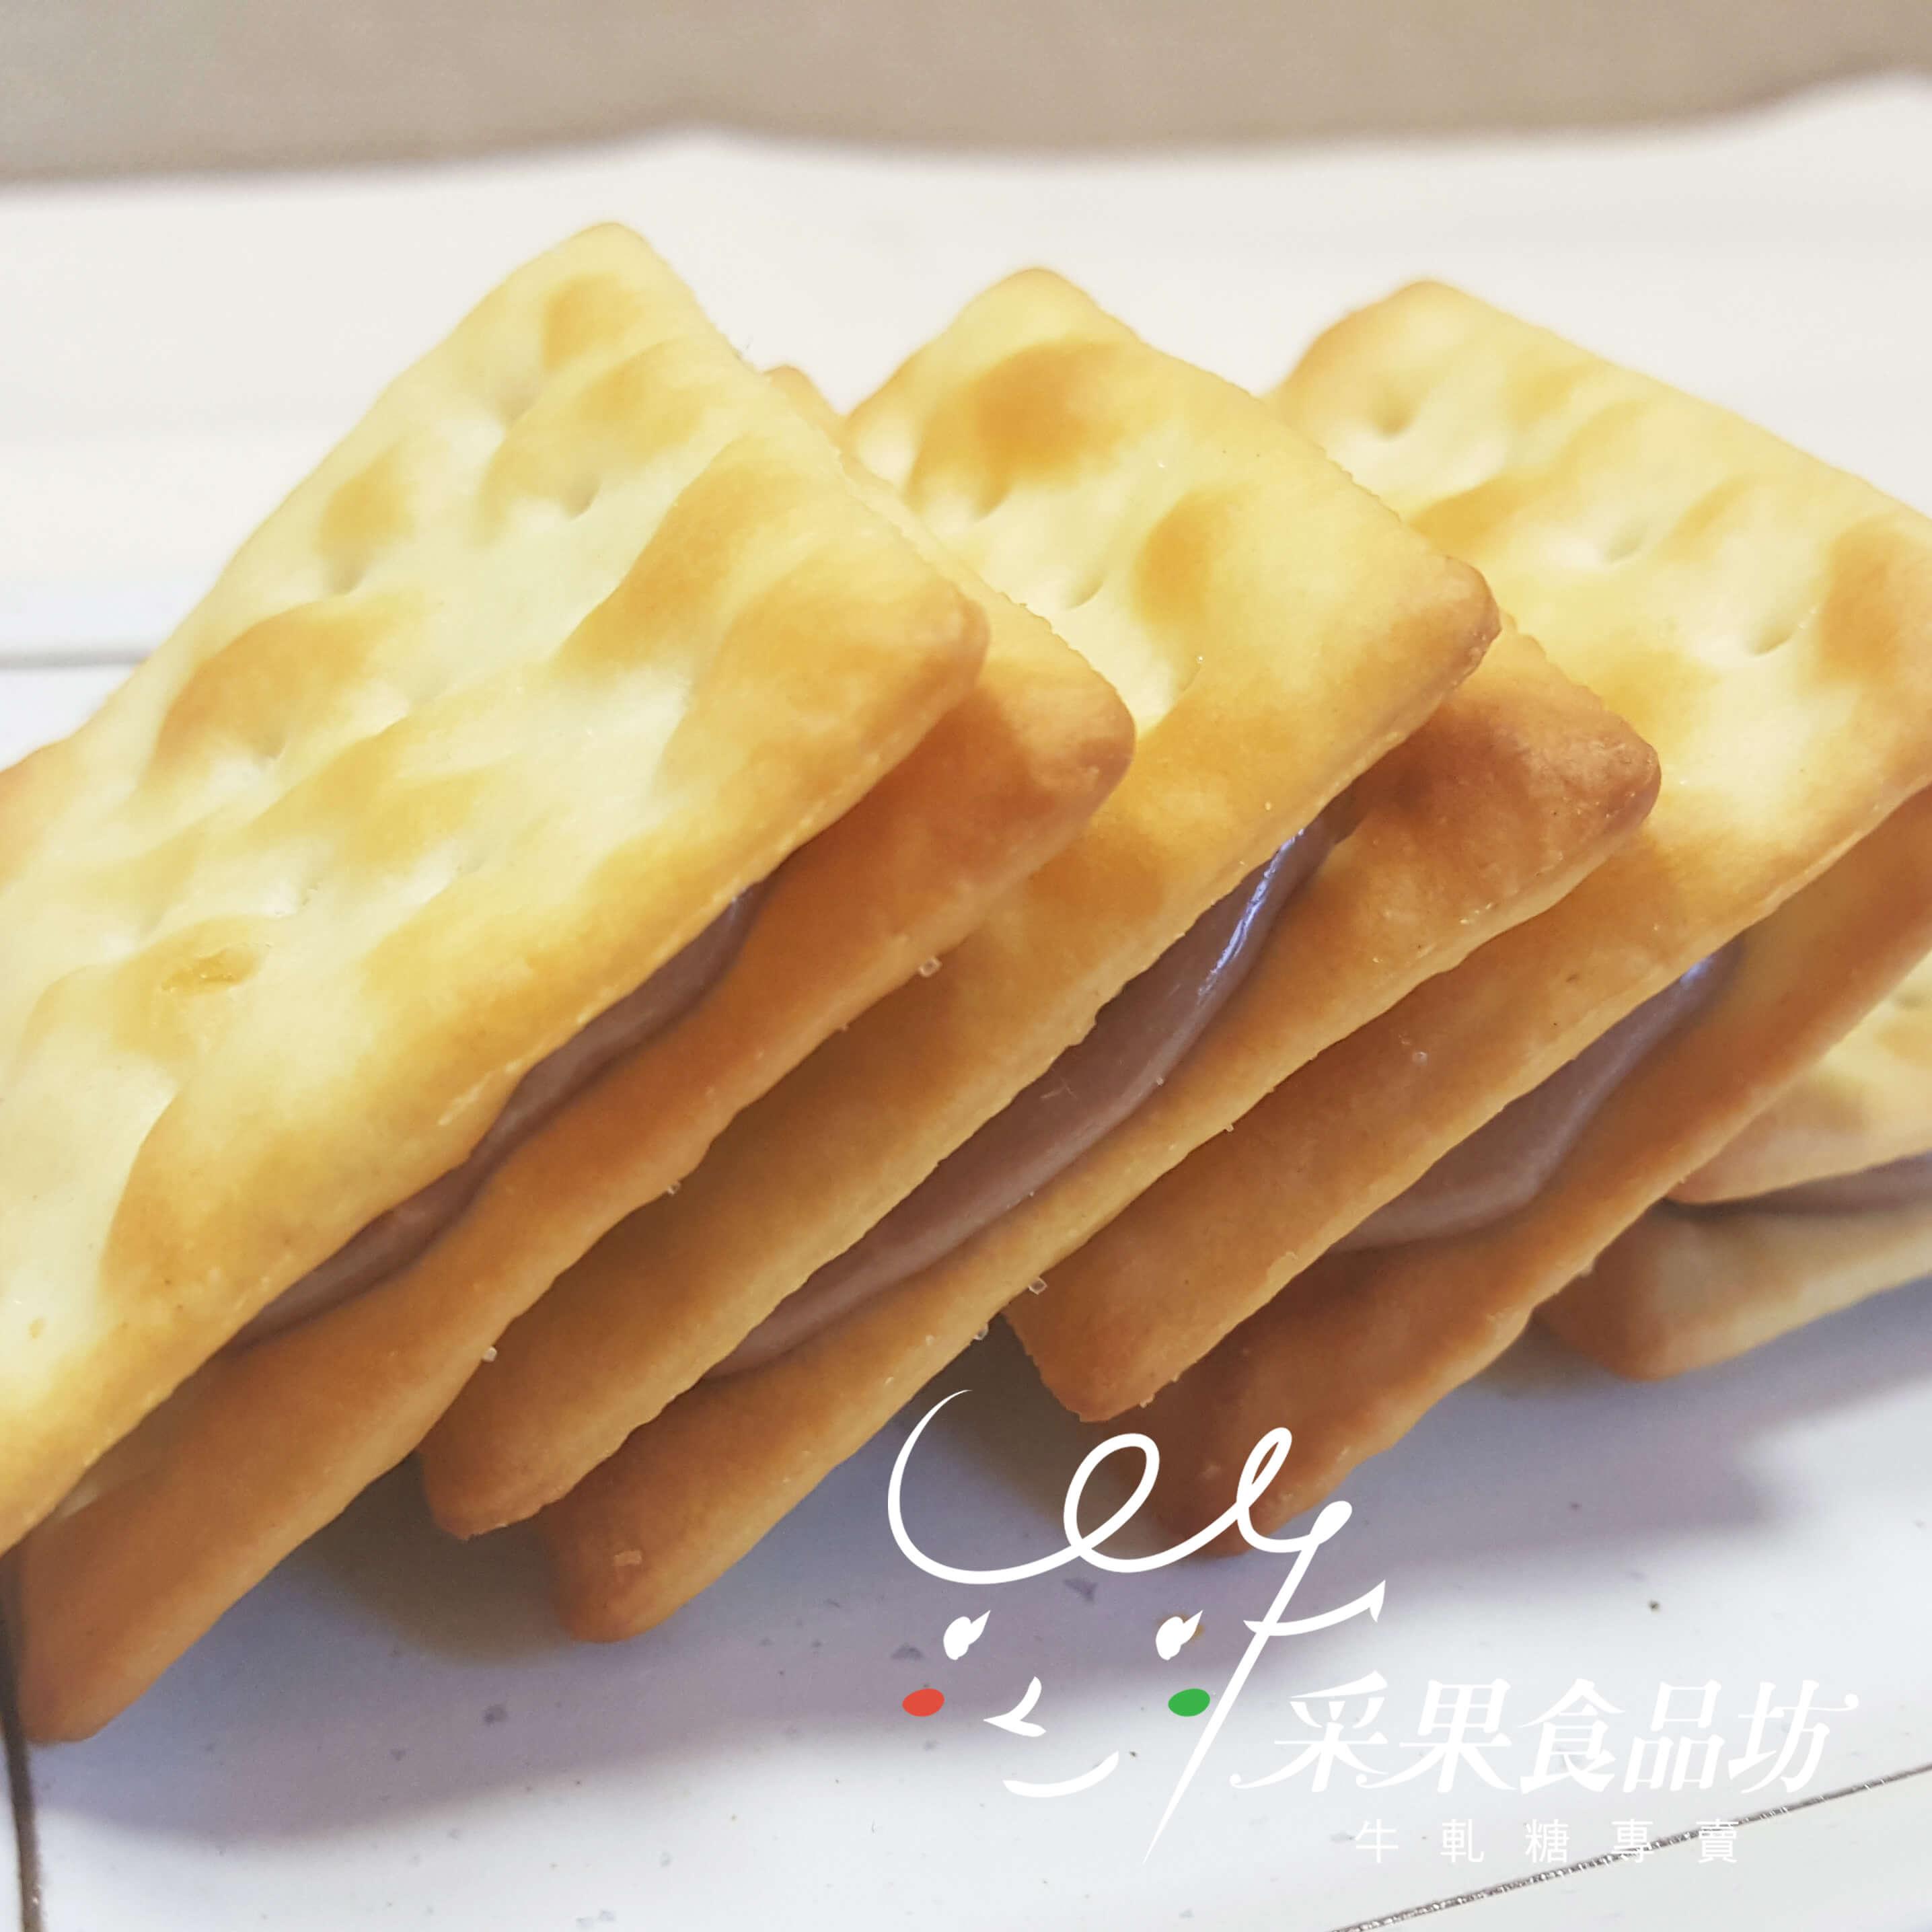 【采果食品坊】巧克力牛軋餅 16入 / 袋裝 3